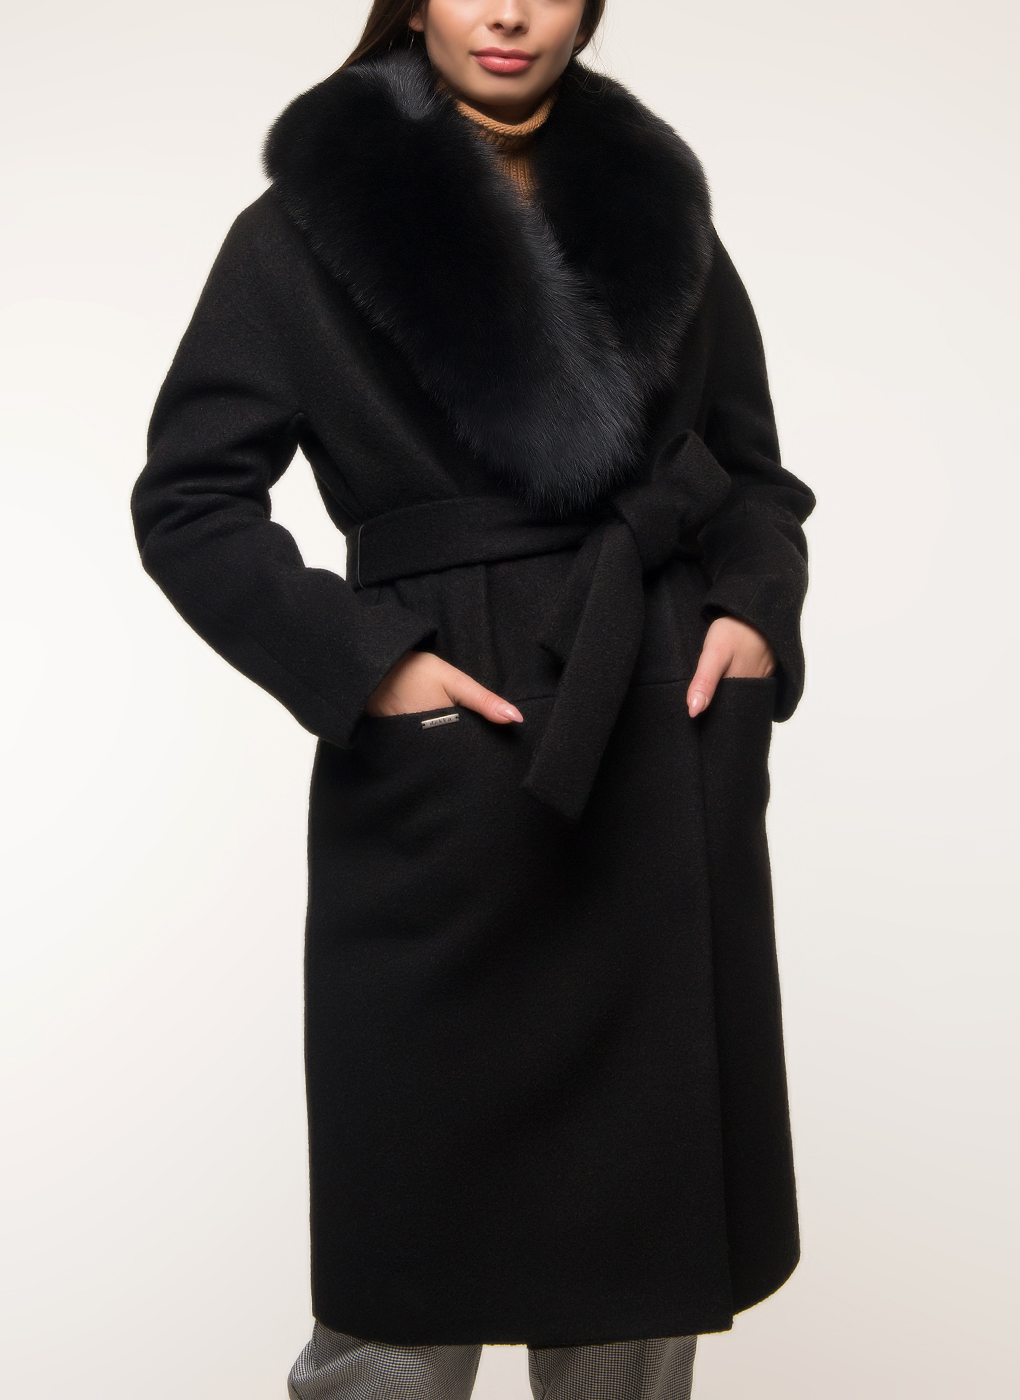 Пальто прямое полушерстяное 28, idekka фото